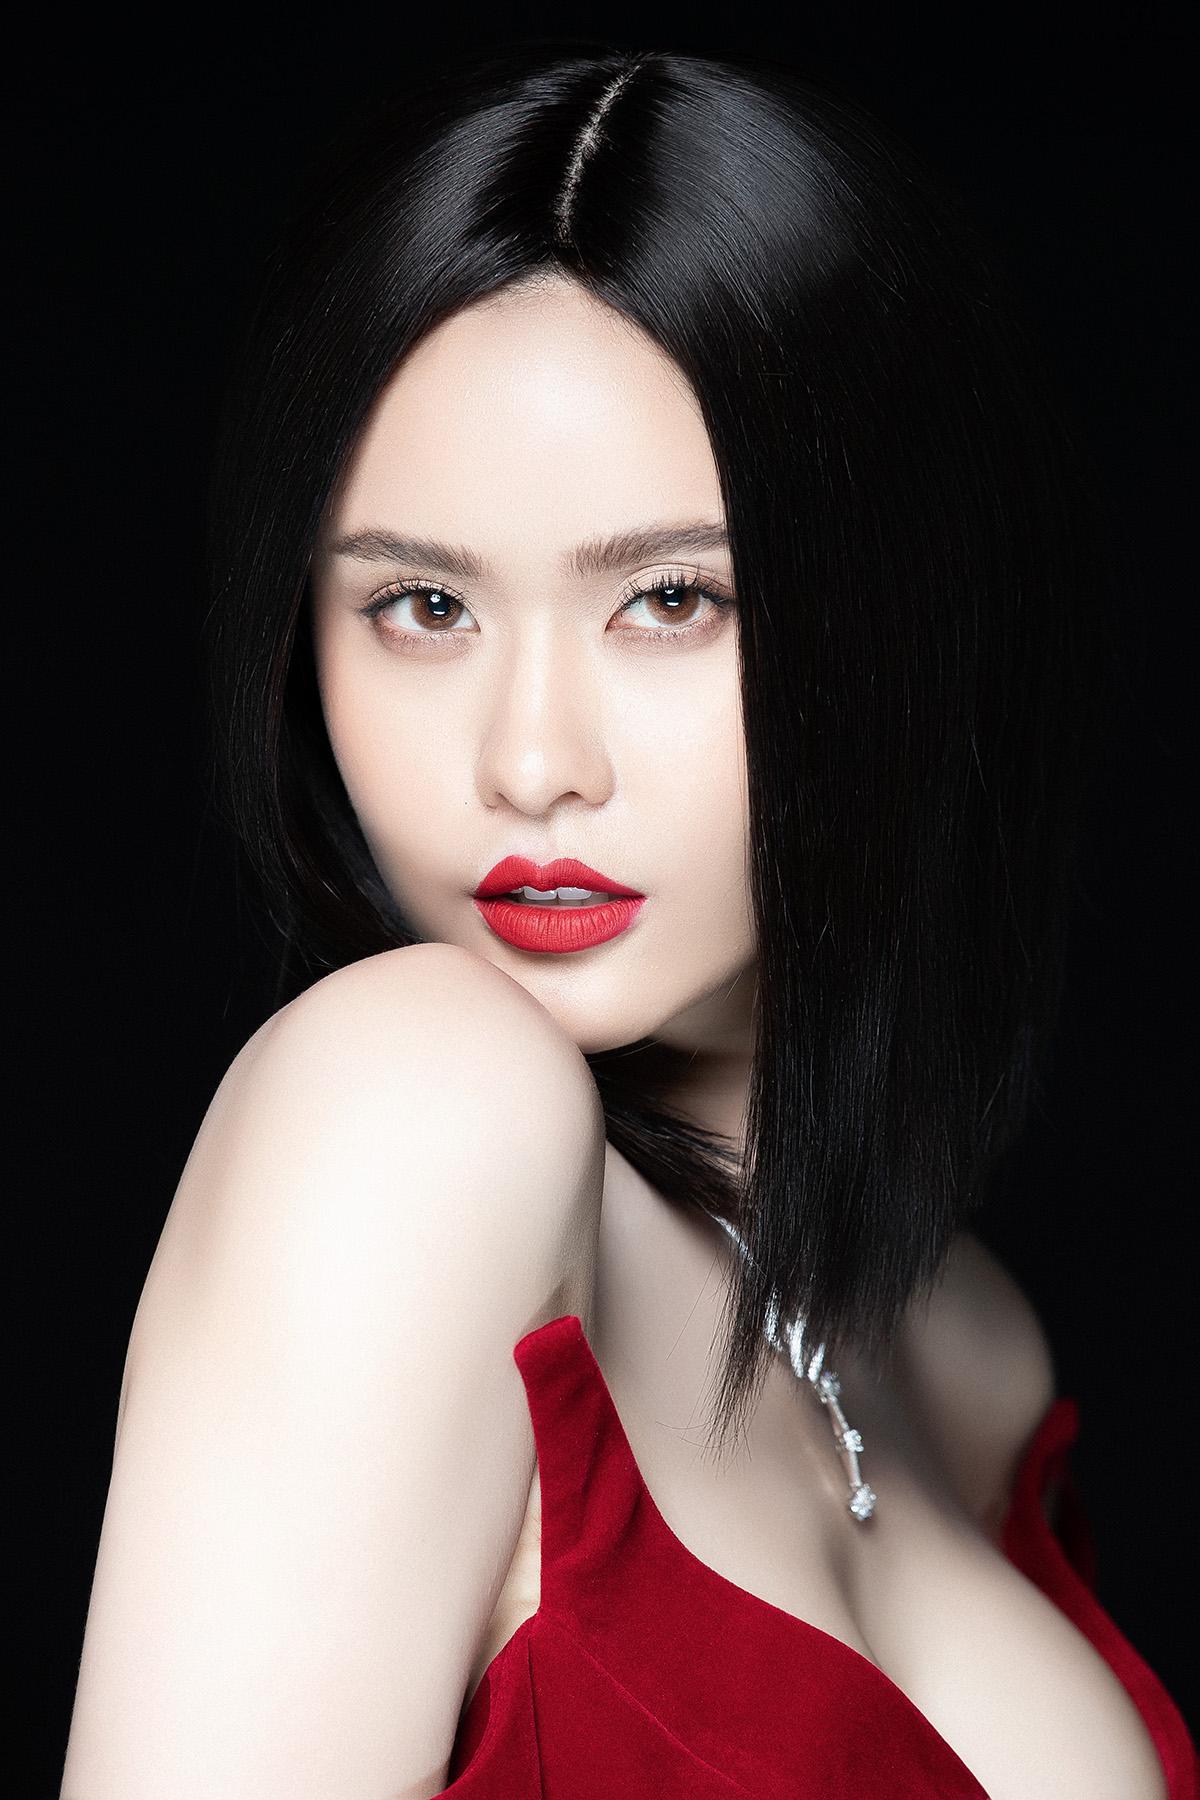 Trương Quỳnh Anh mặc xẻ sâu hút, quyến rũ đến từng khoảnh khắc